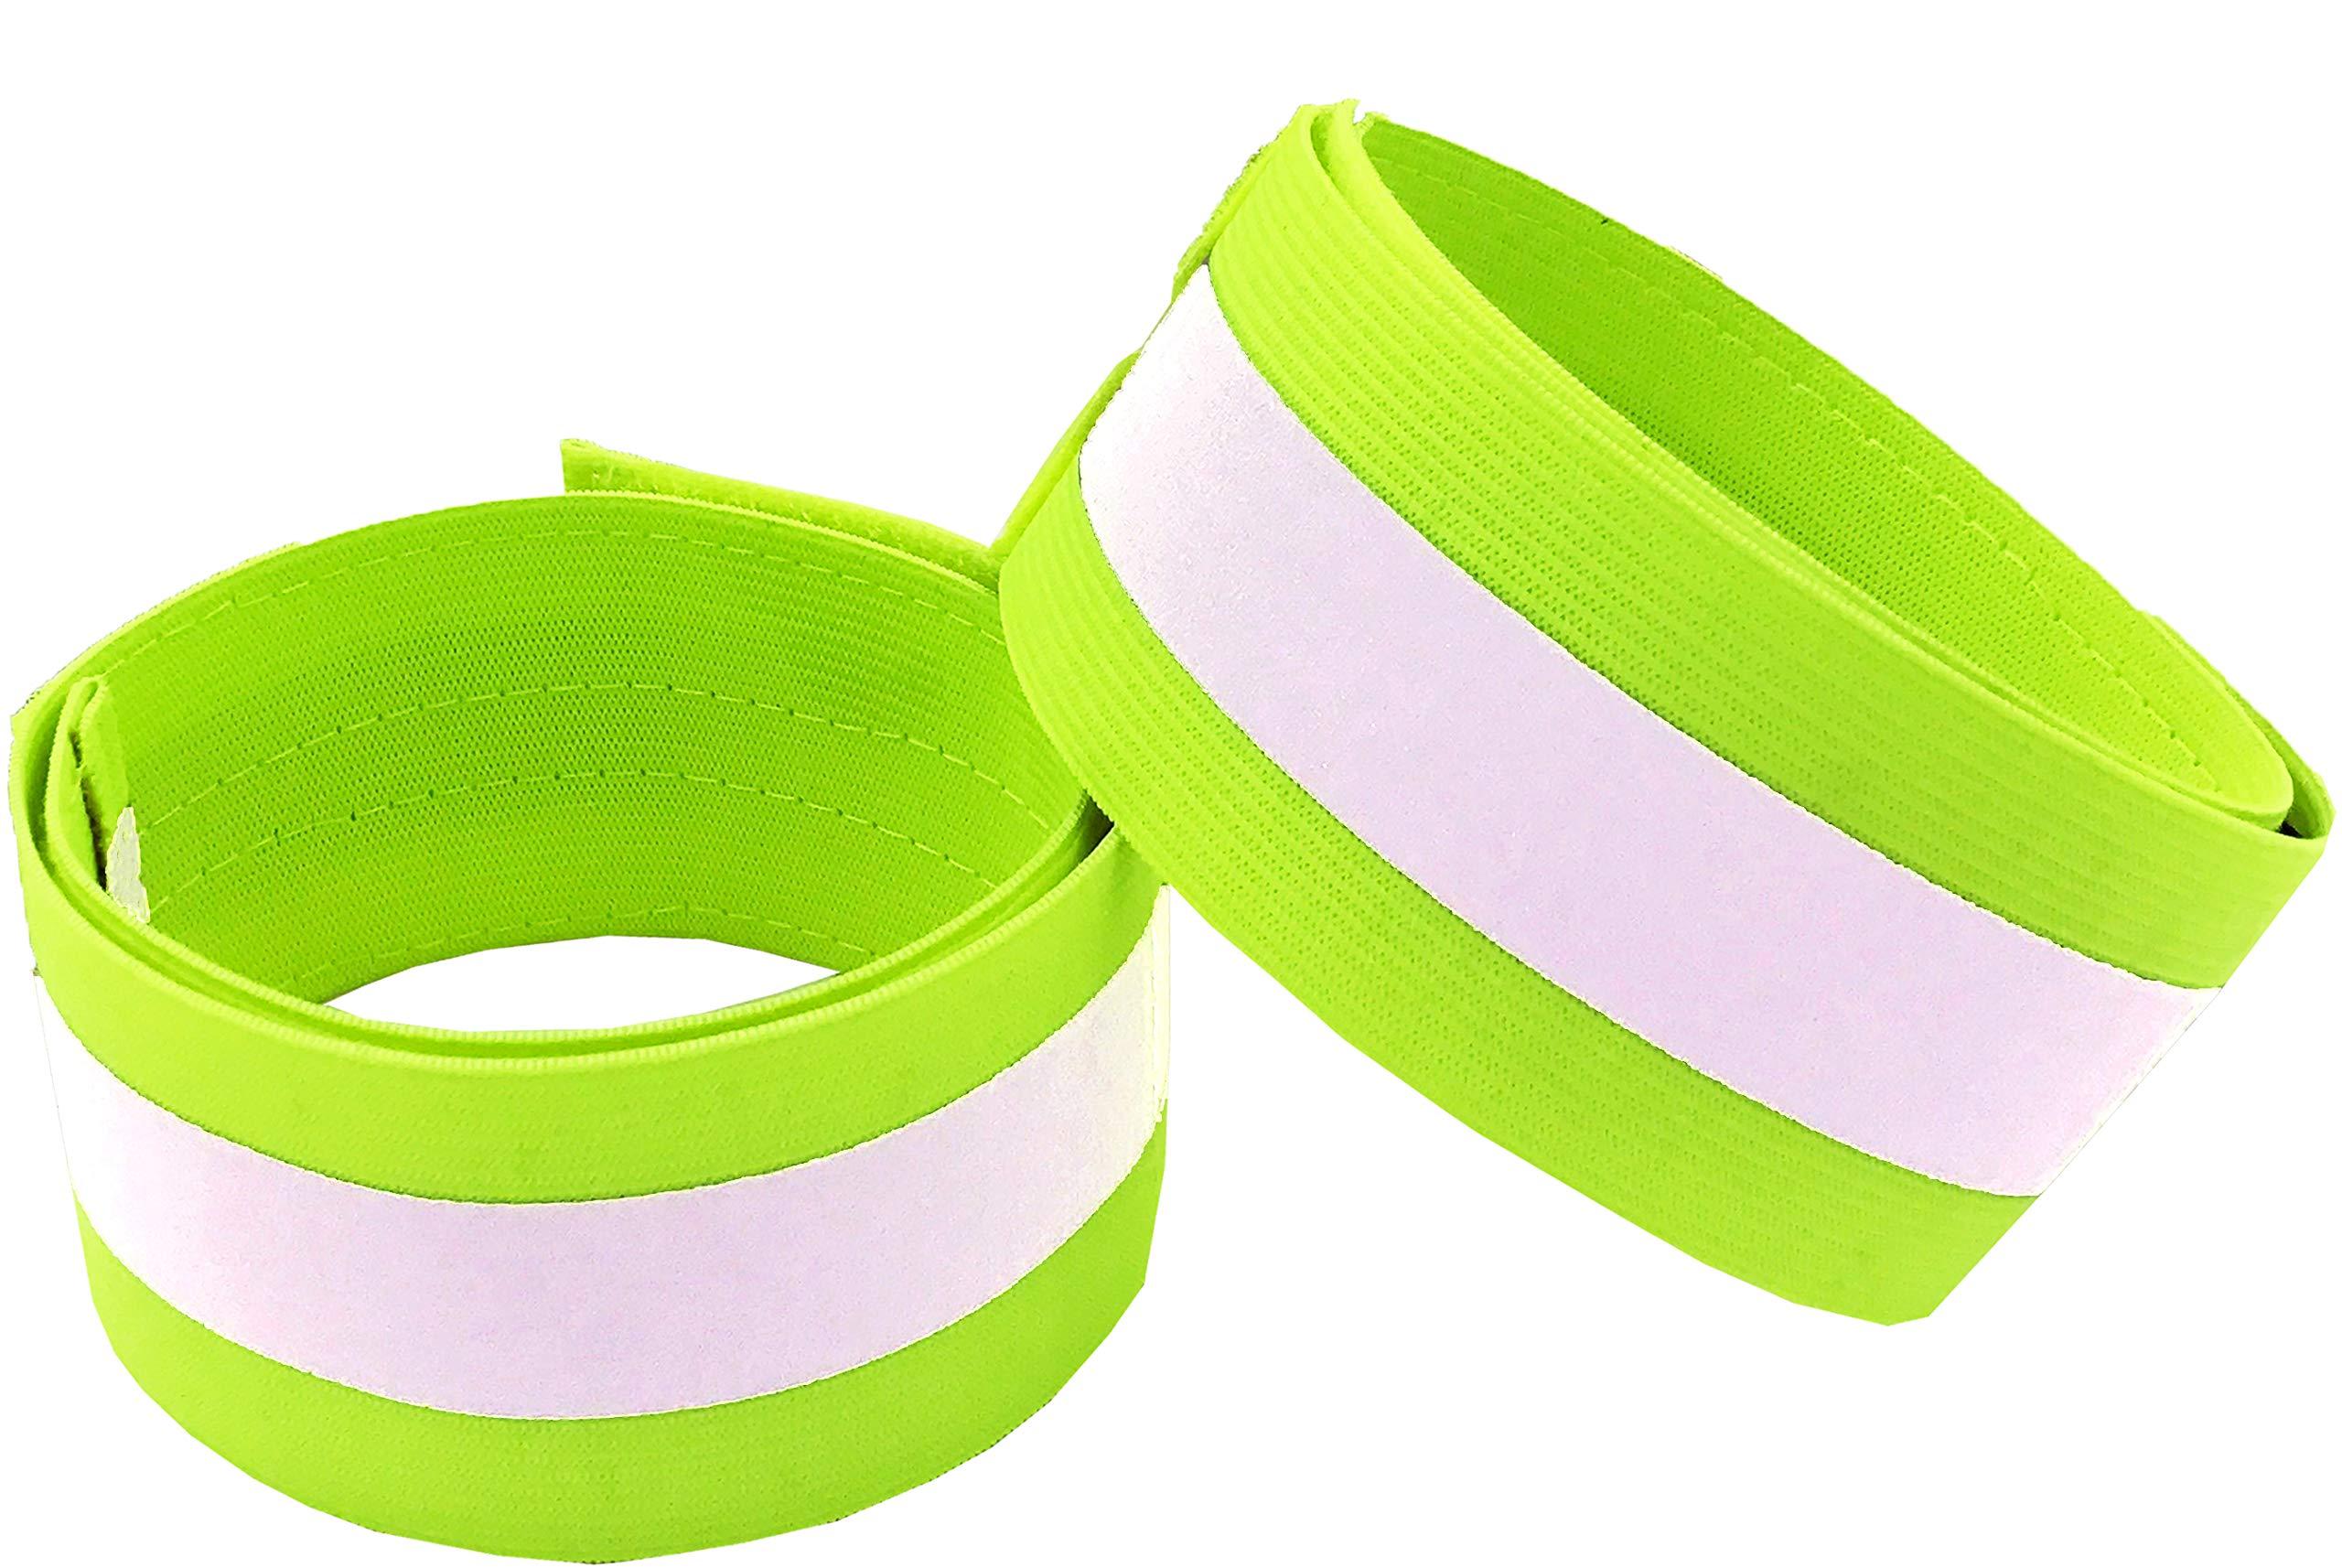 HiVisible Reflective Bands Green